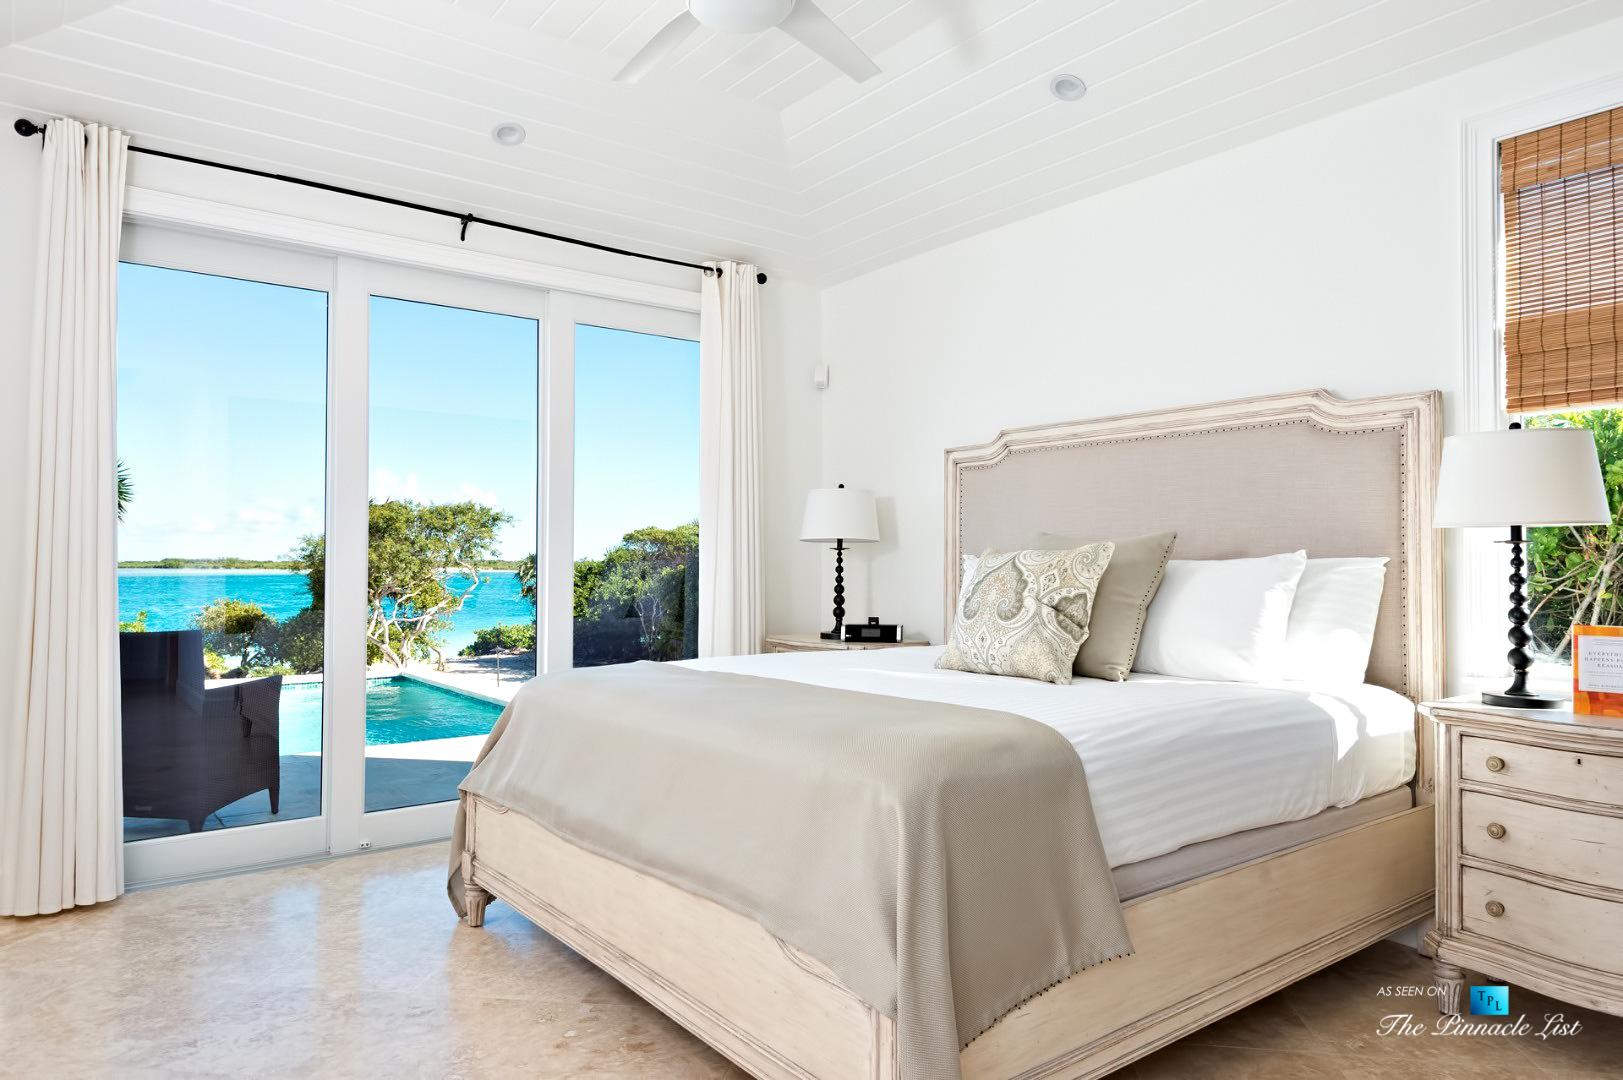 Villa Aquazure - Providenciales, Turks and Caicos Islands